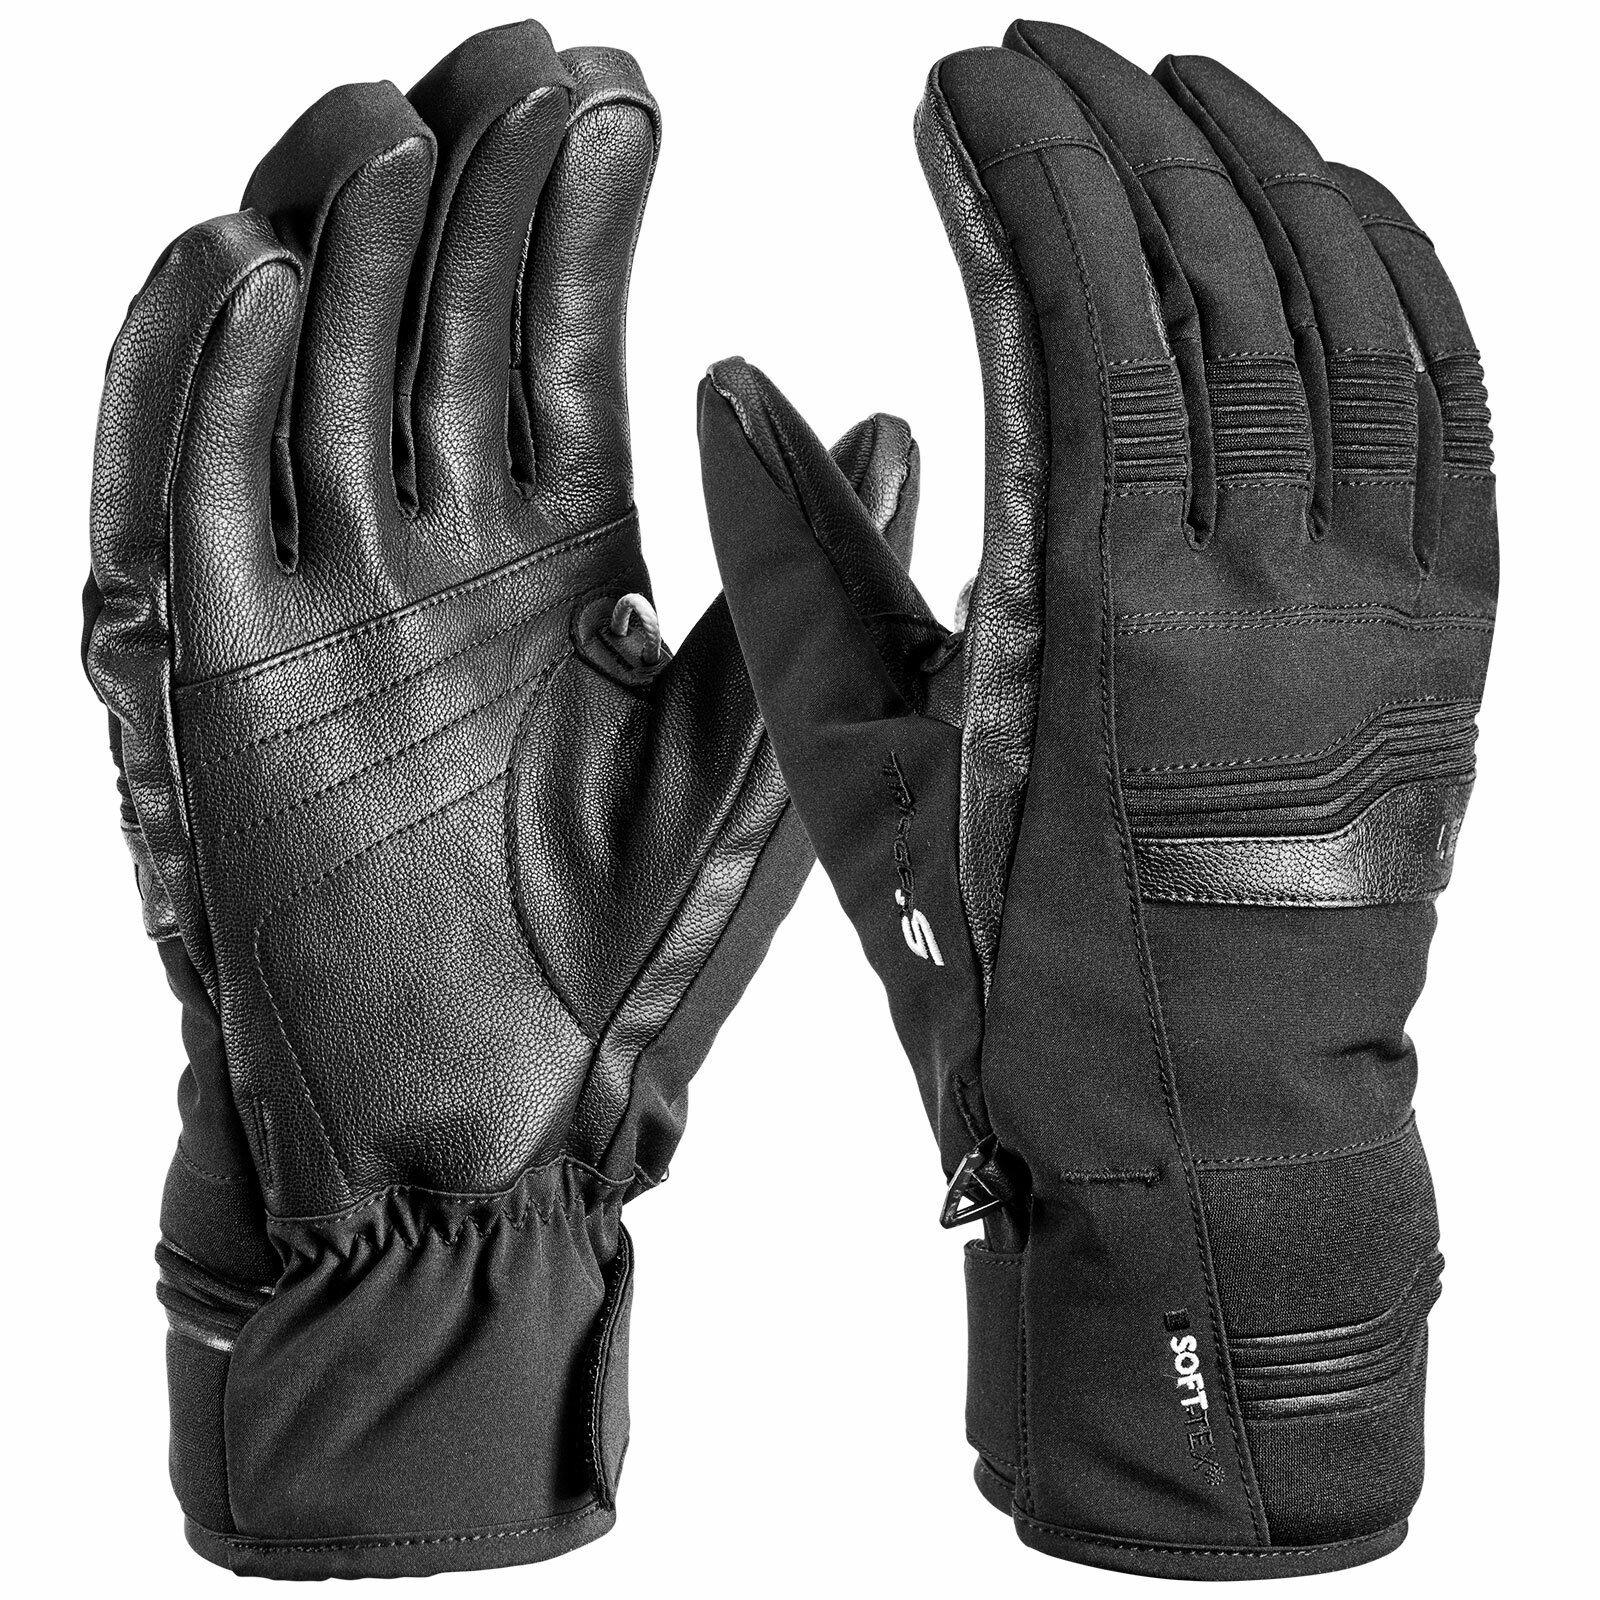 Leki Cerro s guantes de hombre guantes de esquí guantes de esquí guantes de esquí